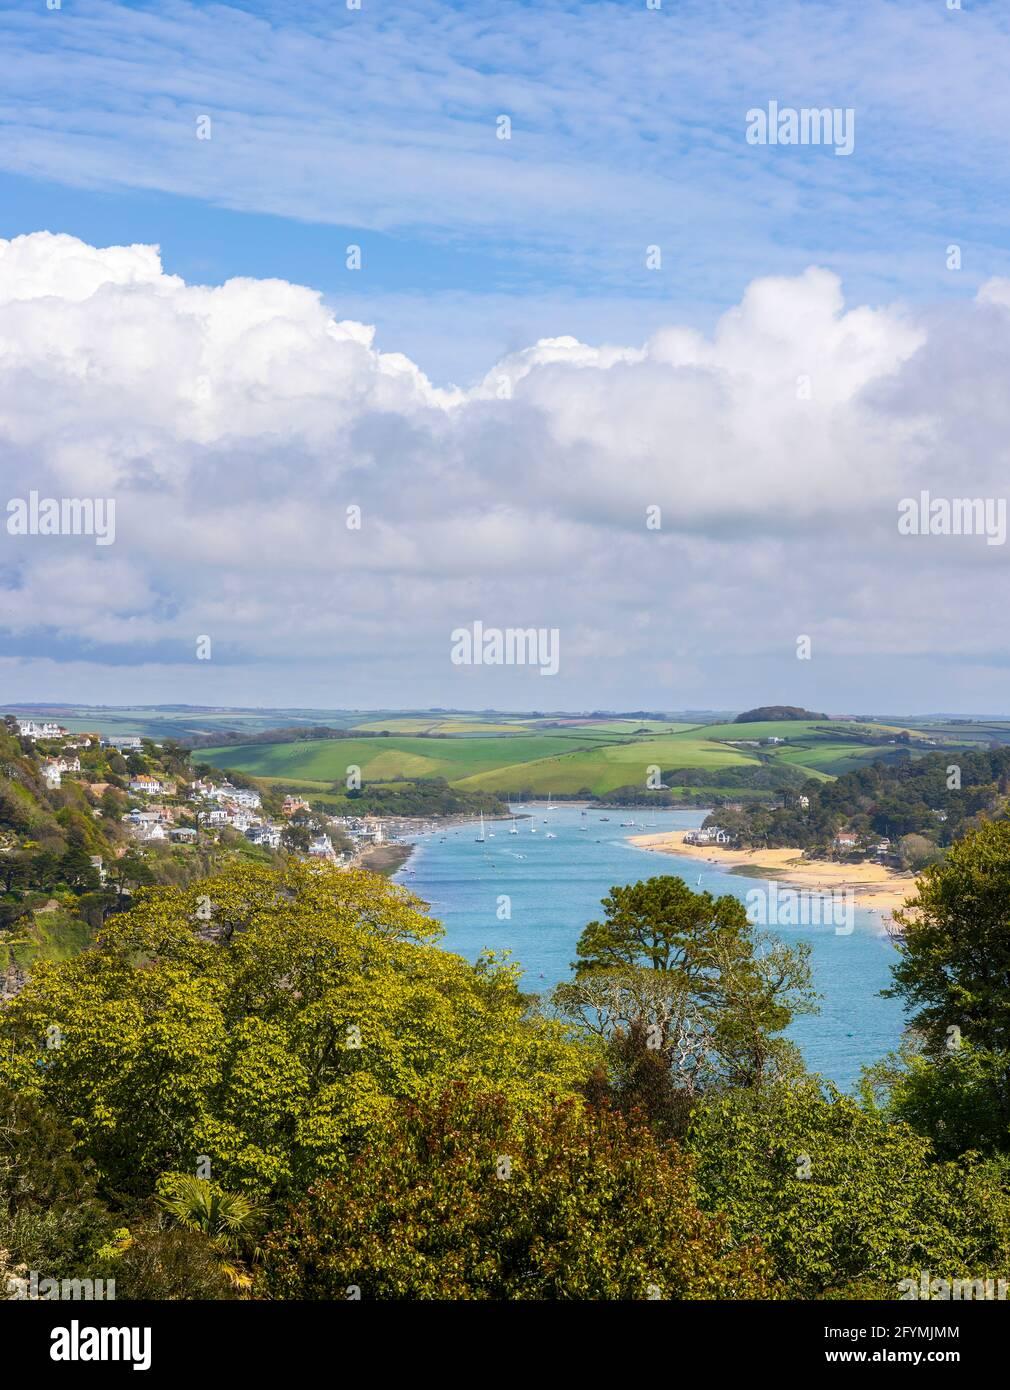 Vue imprenable sur le port de Salcombe, la ville de Salcombe et la magnifique campagne du Devon. Banque D'Images